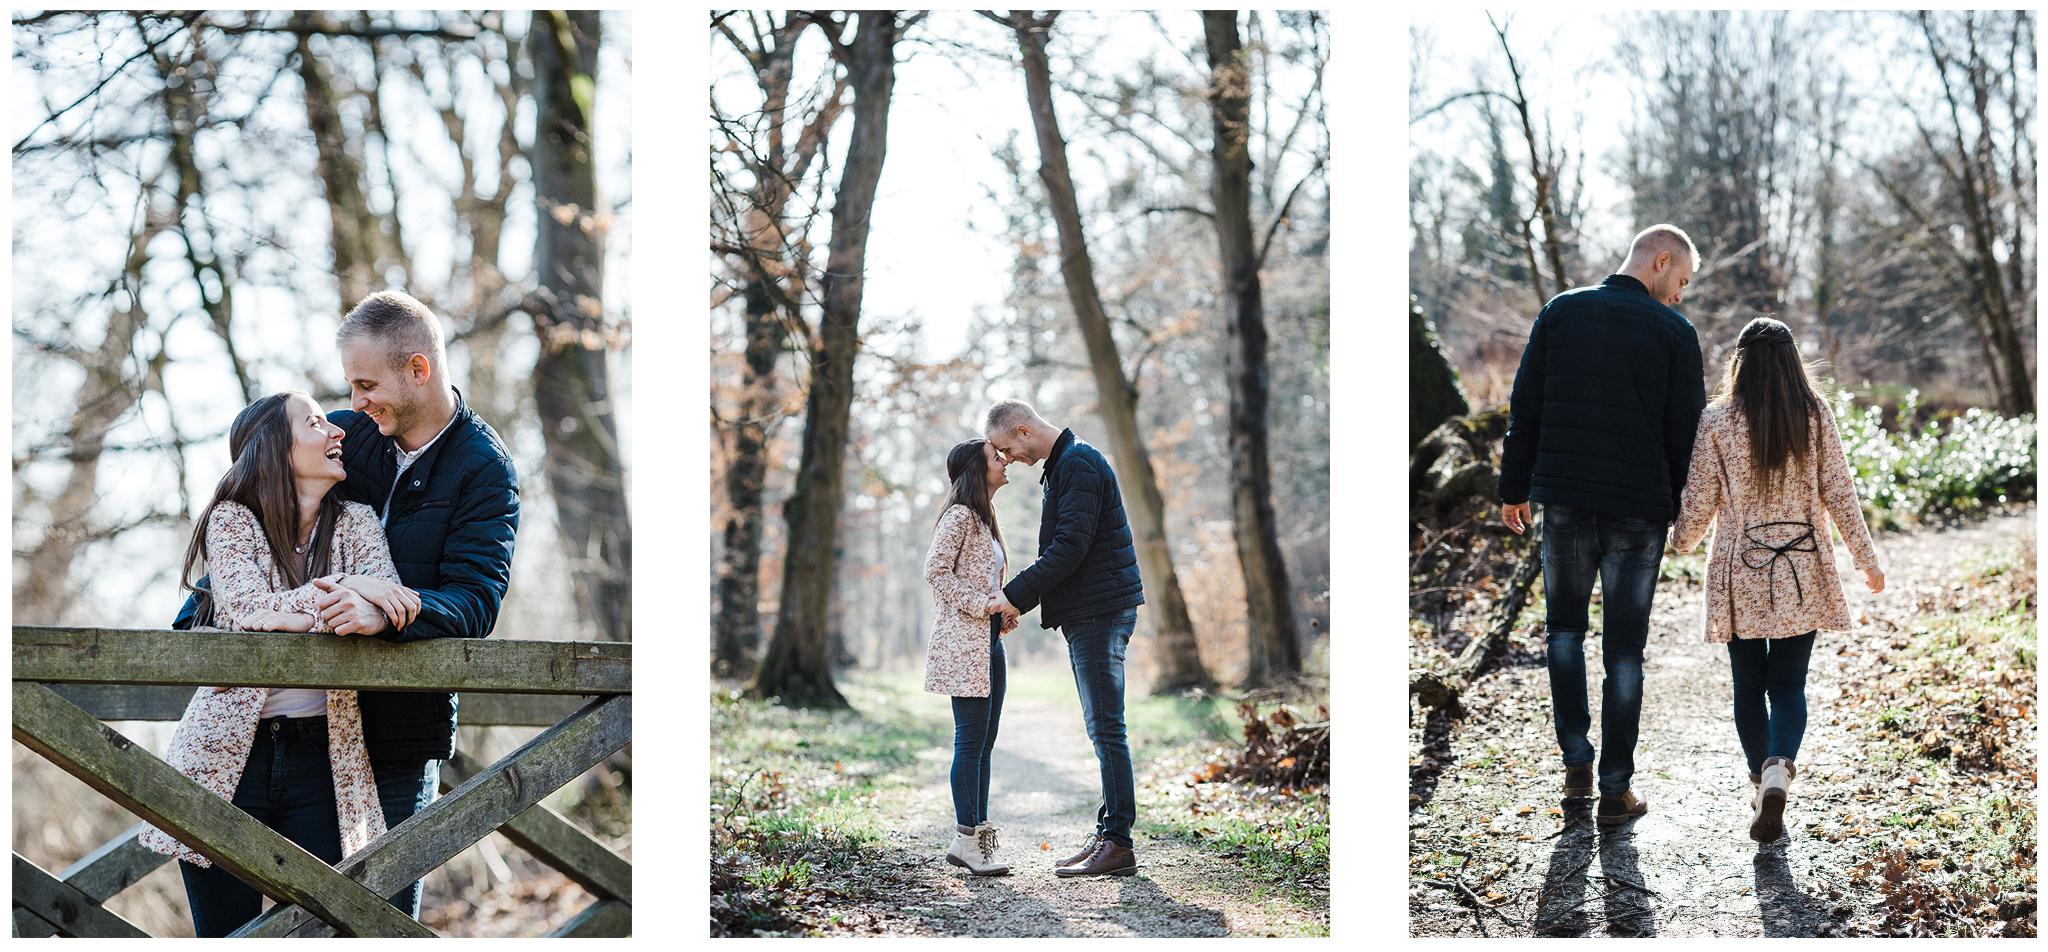 MONT_FylepPhoto, Esküvőfotós Vasmegye, Esküvő fotózás, Esküvői fotós, Körmend, Vas megye, Dunántúl, Budapest, Fülöp Péter, Jegyes fotózás, jegyesfotó_Réka&Peti,2018_010.jpg